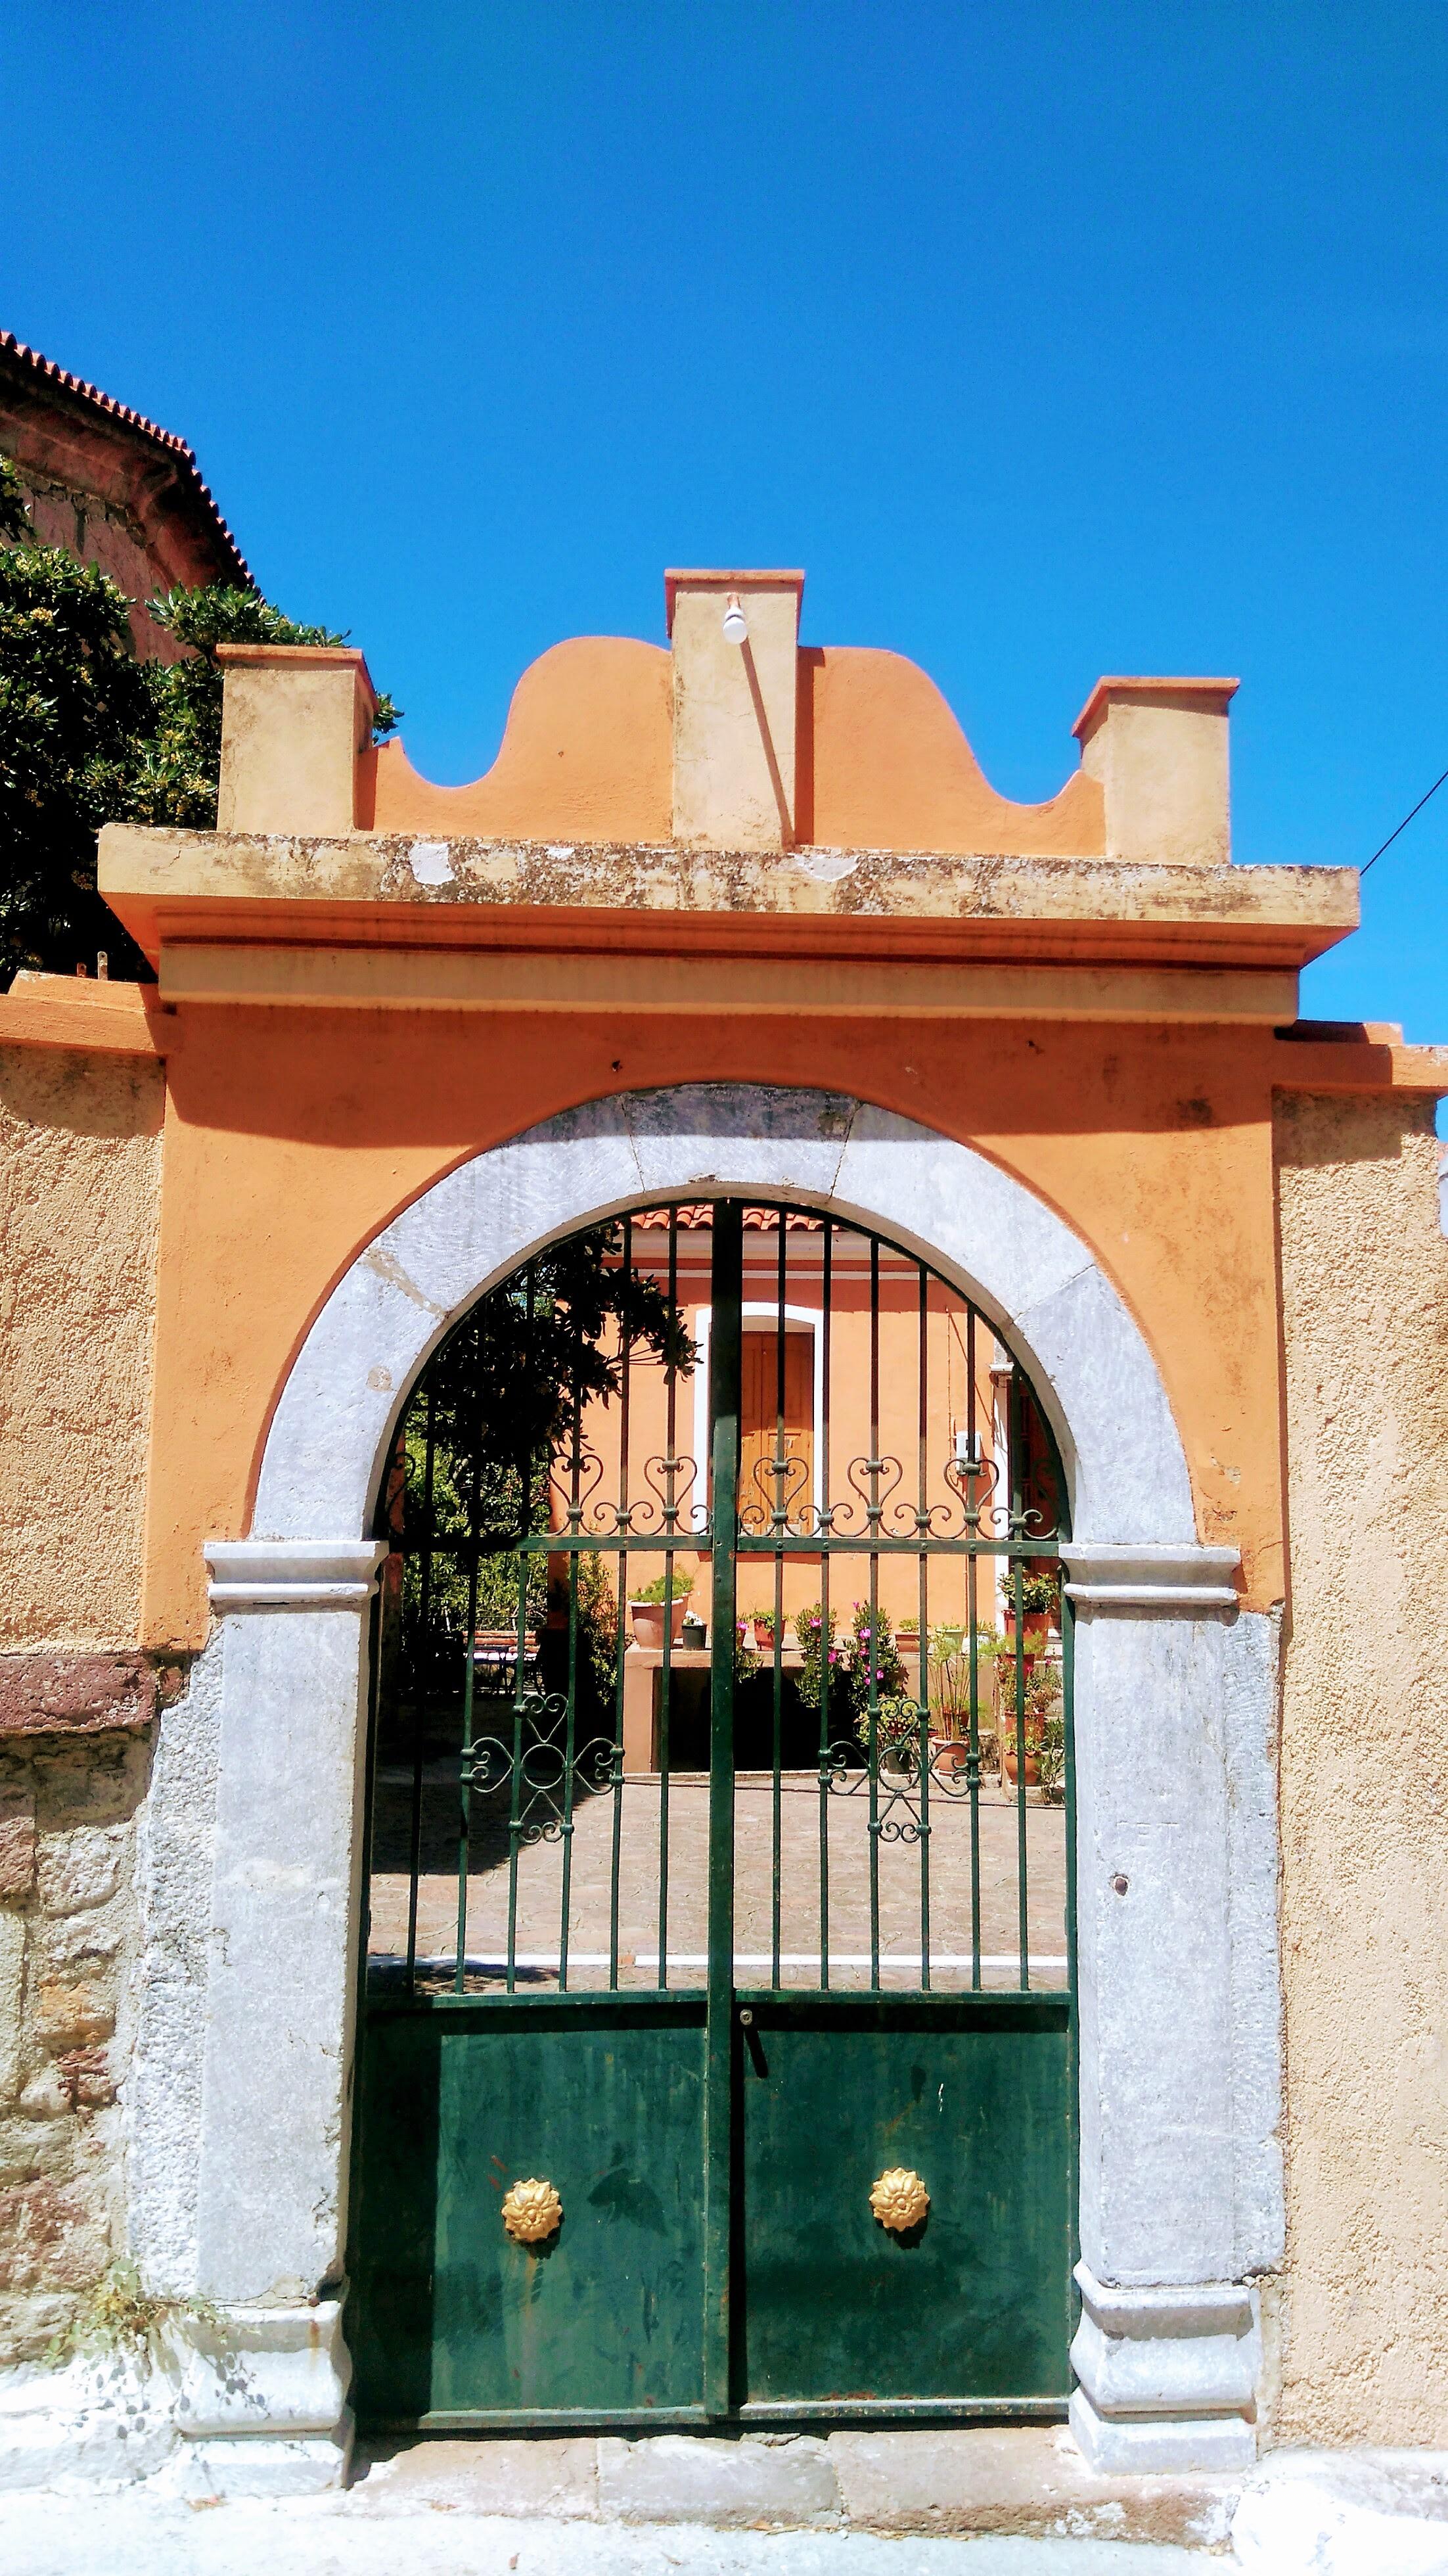 Doorway-0029_2 - Copy